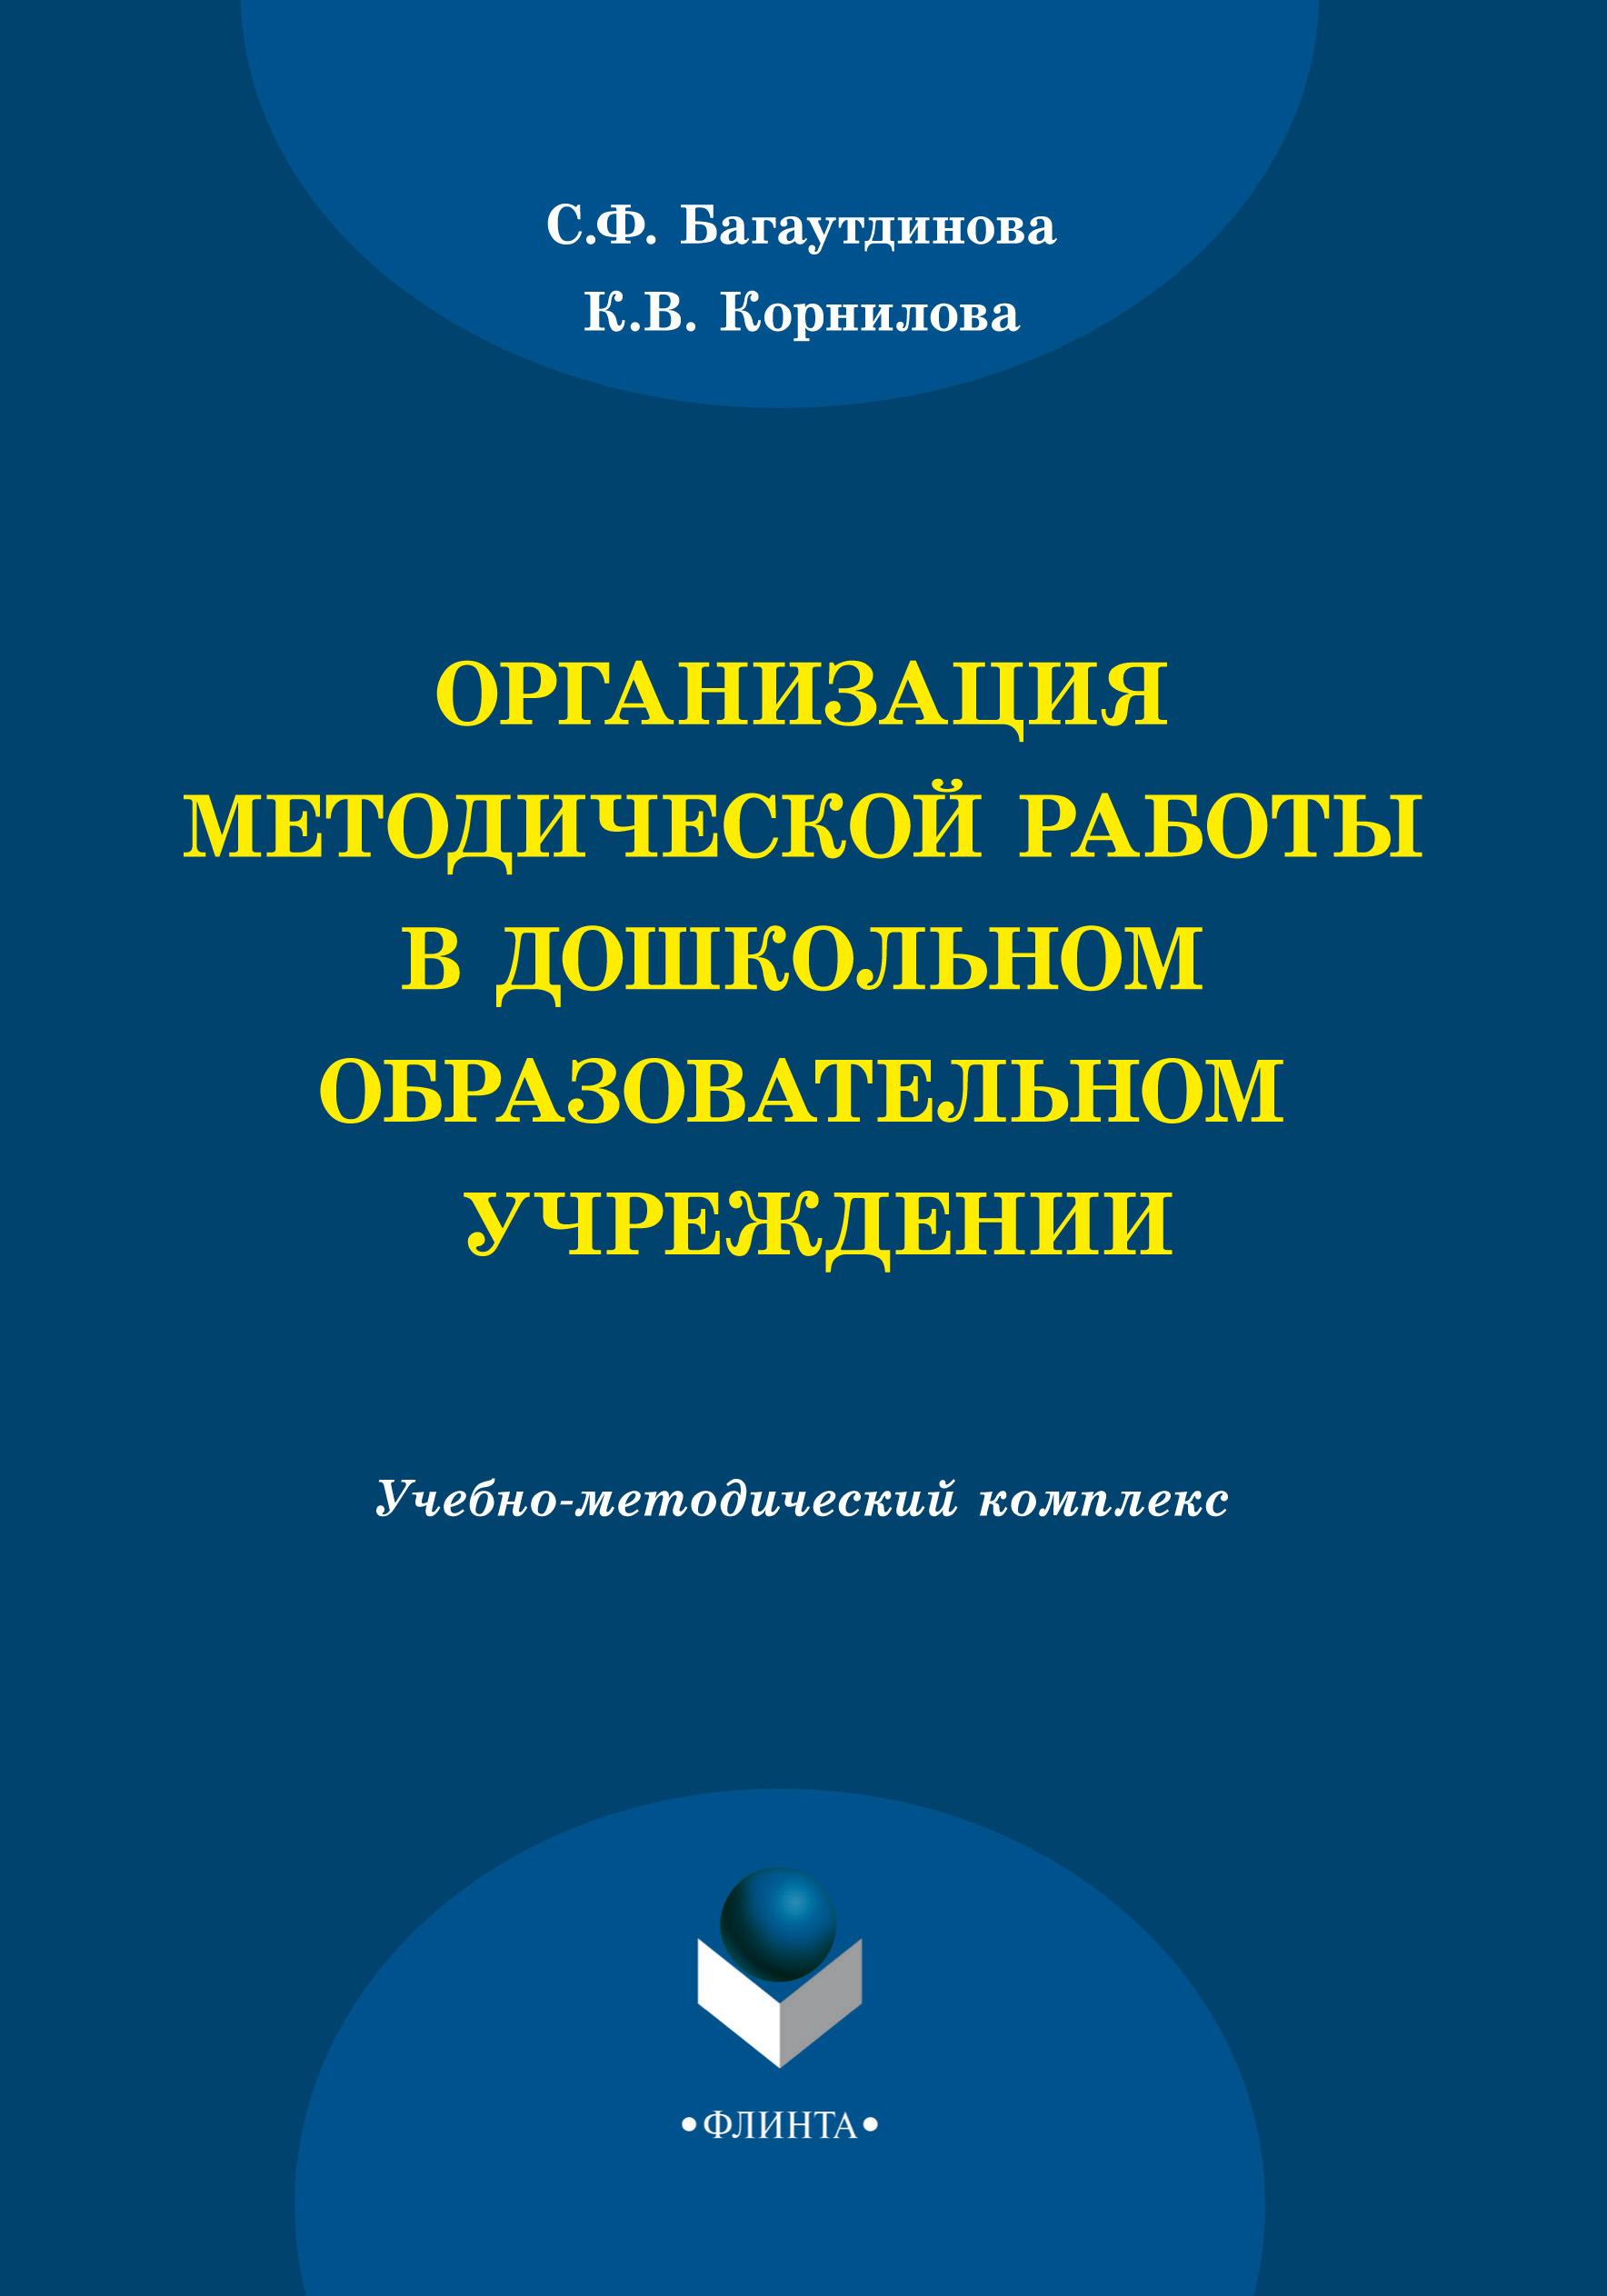 С. Ф. Багаутдинова Организация методической работы в дошкольном образовательном учреждении цена